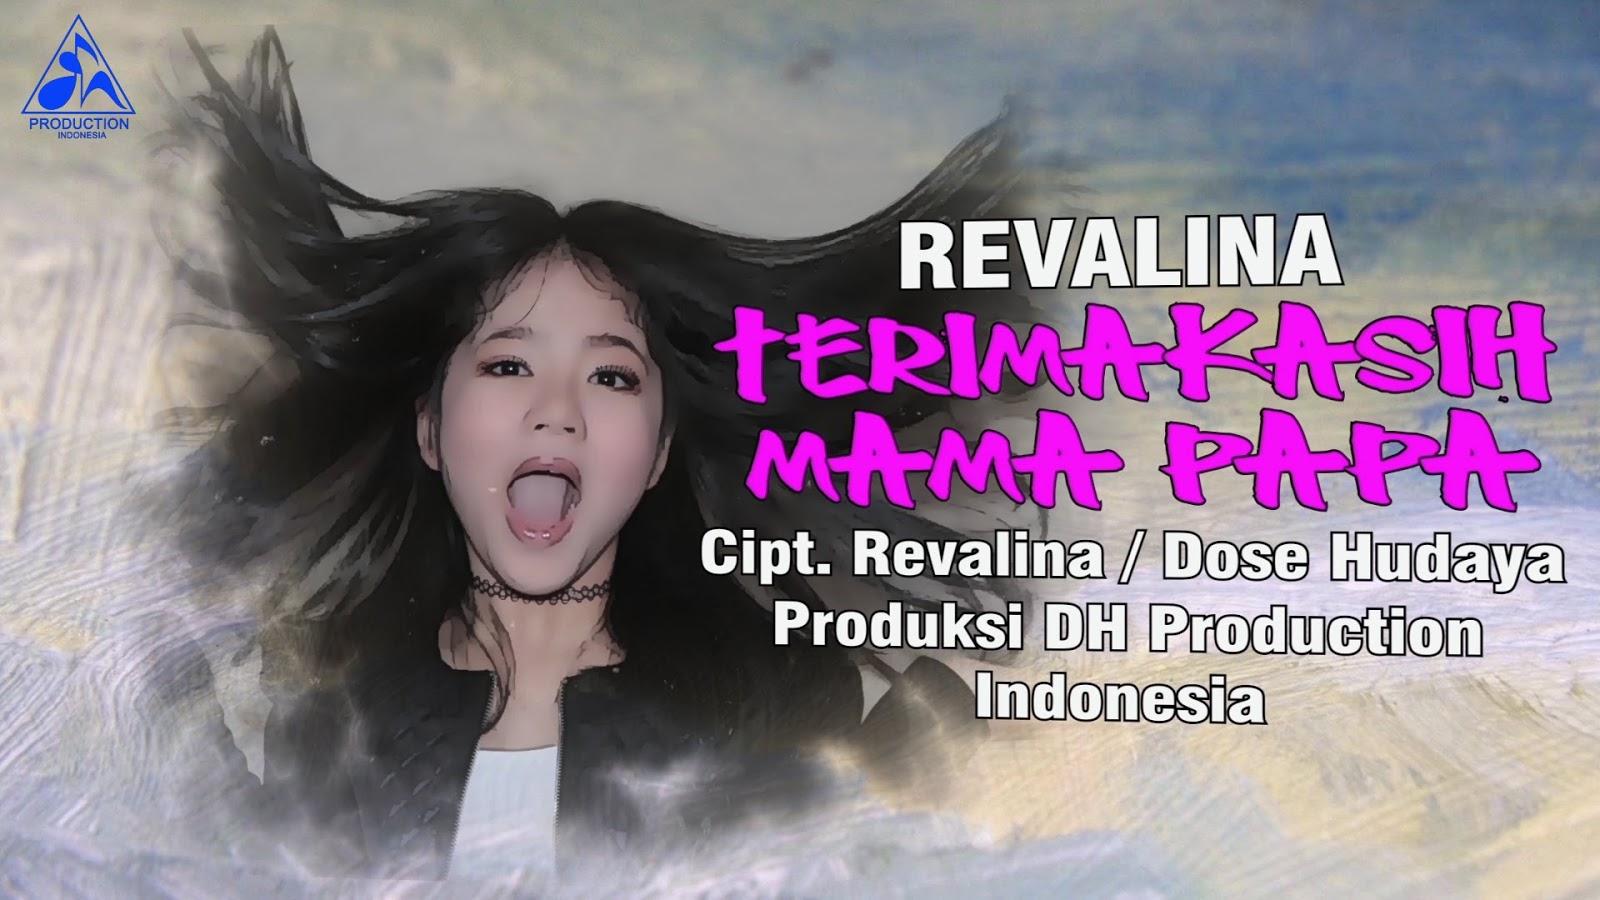 Download Lagu Revalina Terbaru